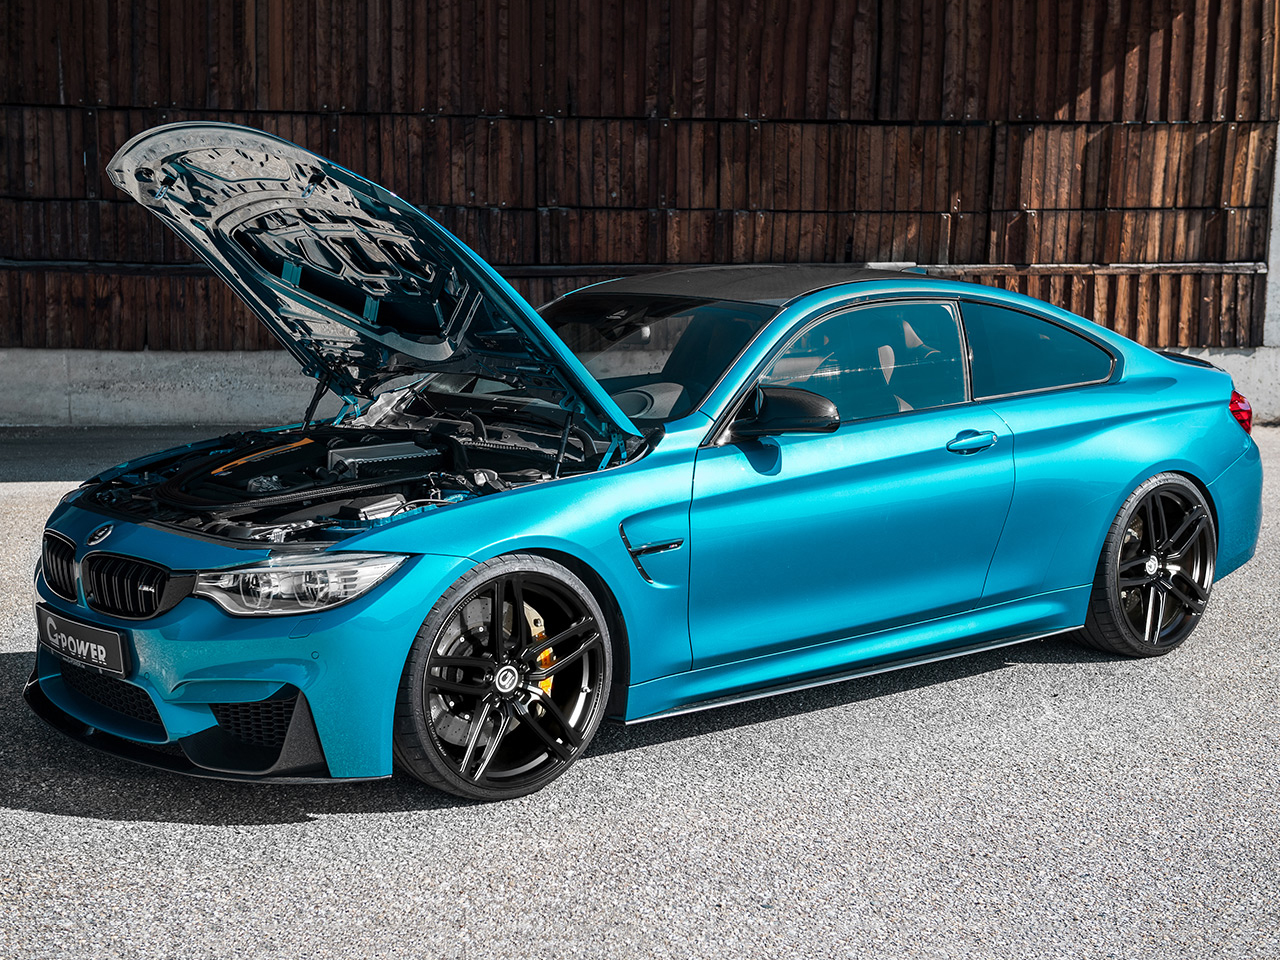 Bmw M4 Competition Tuning Von G Power Autozeitungde